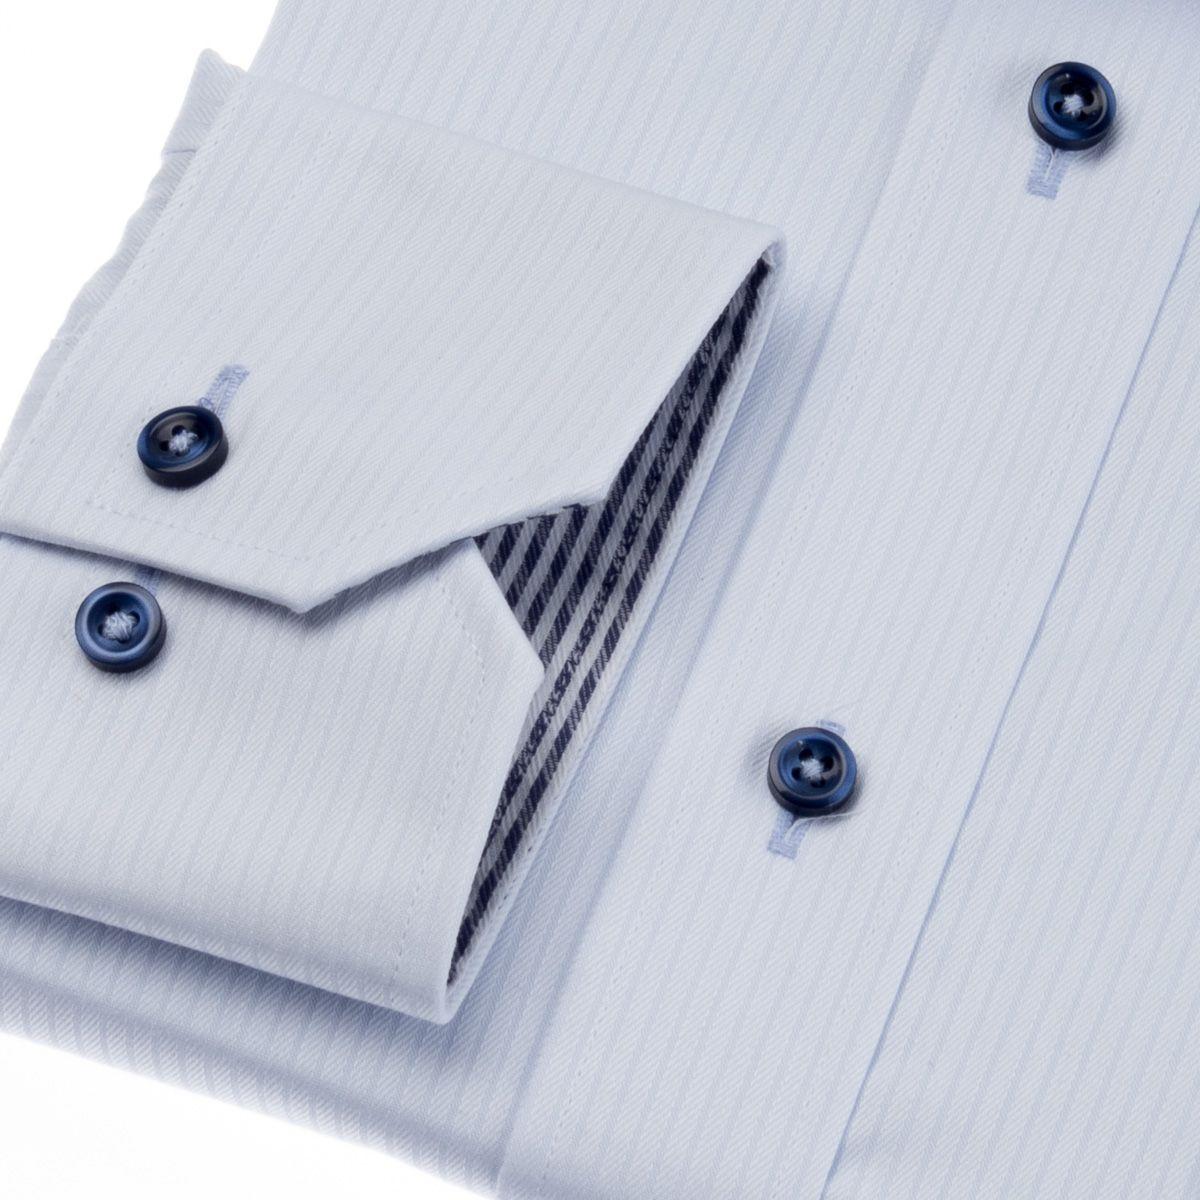 形態安定・吸水速乾・UVカット・抗菌防臭・吸水防汚 セミワイド ワイシャツ 長袖 【MODE ISM】